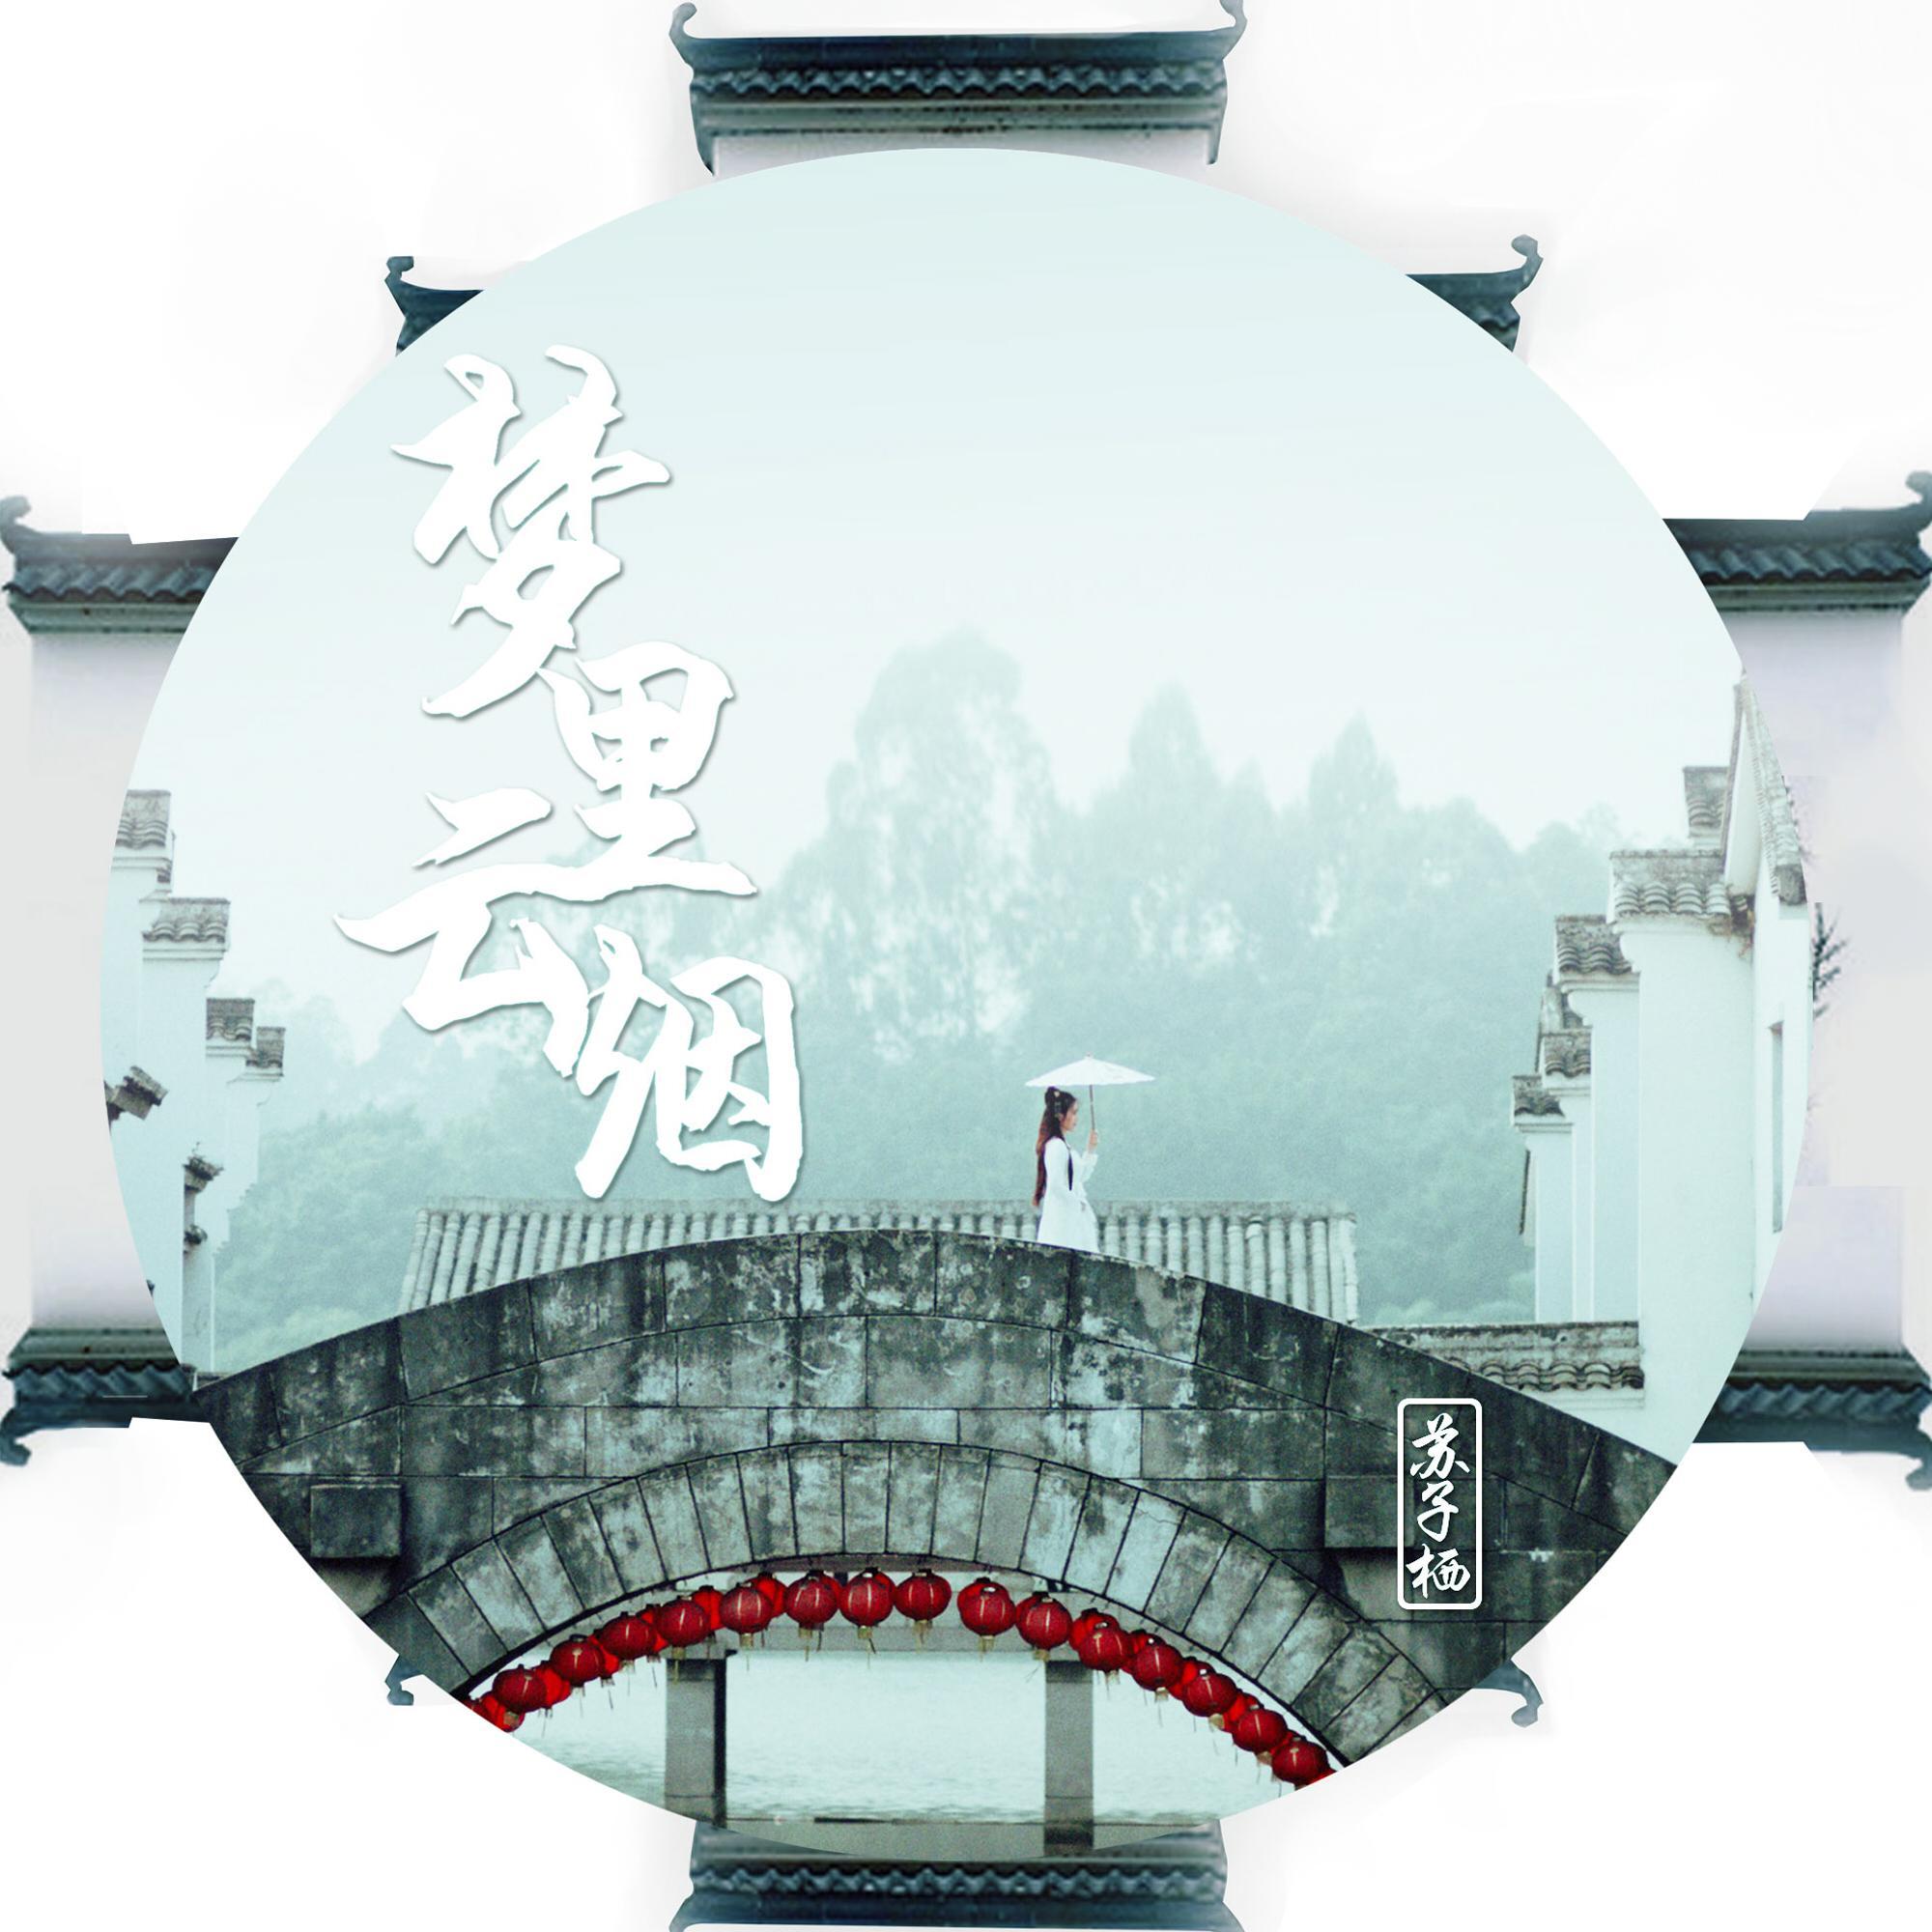 苏子栖中国风新曲《梦里云烟》 演绎唯美爱情